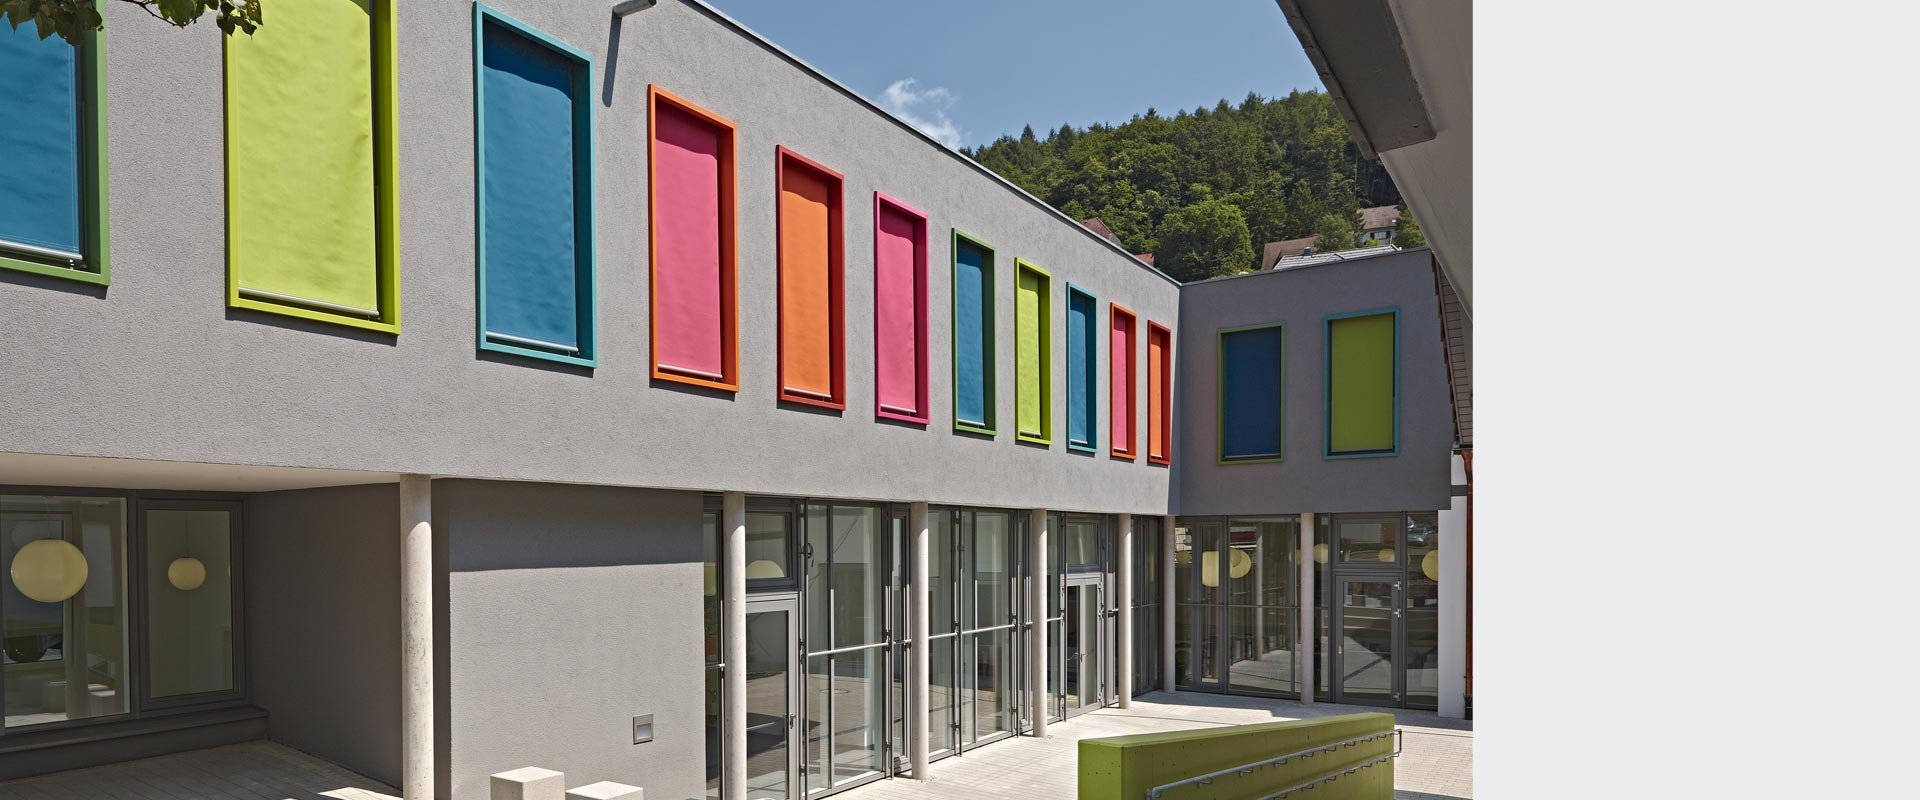 architekturbuero_henning_musahl_kindergarten03